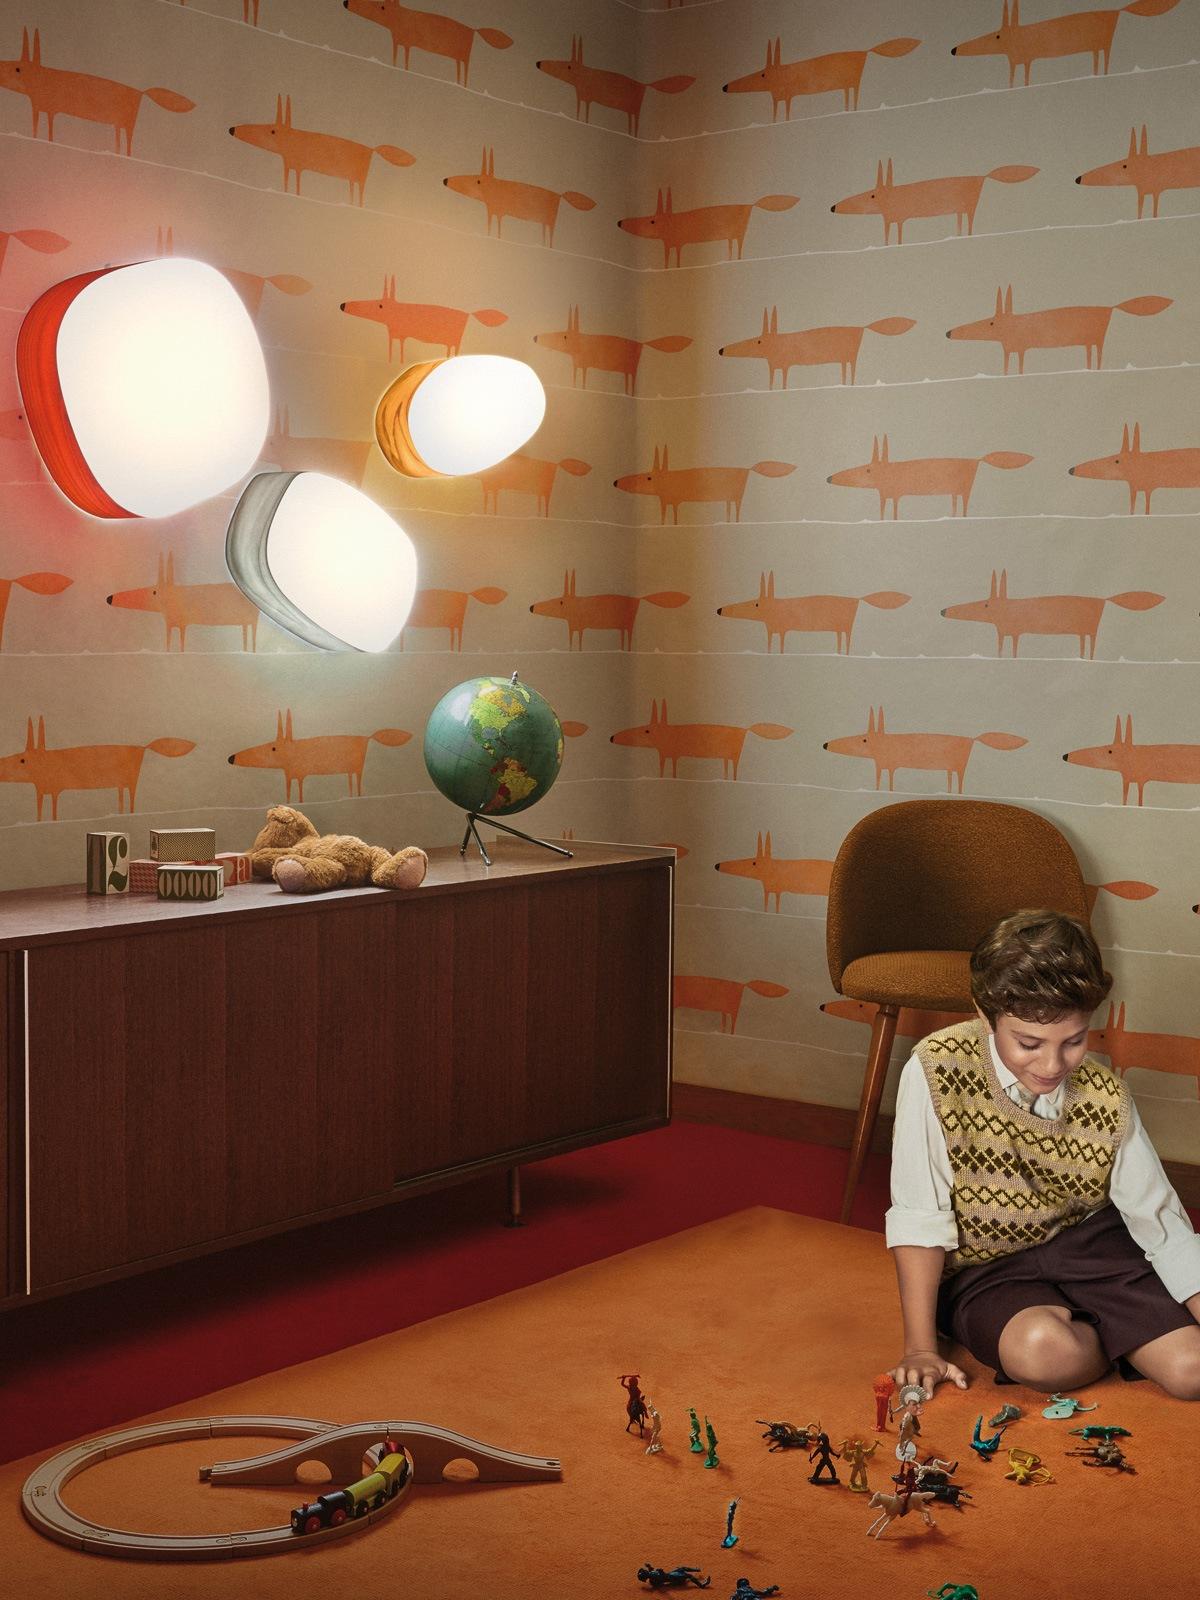 DesignOrt Blog: LZF Designer Guijarros LZF Lamps Holzleuchten für Wand oder Decke in 11 Farben DesignOrt Lampen